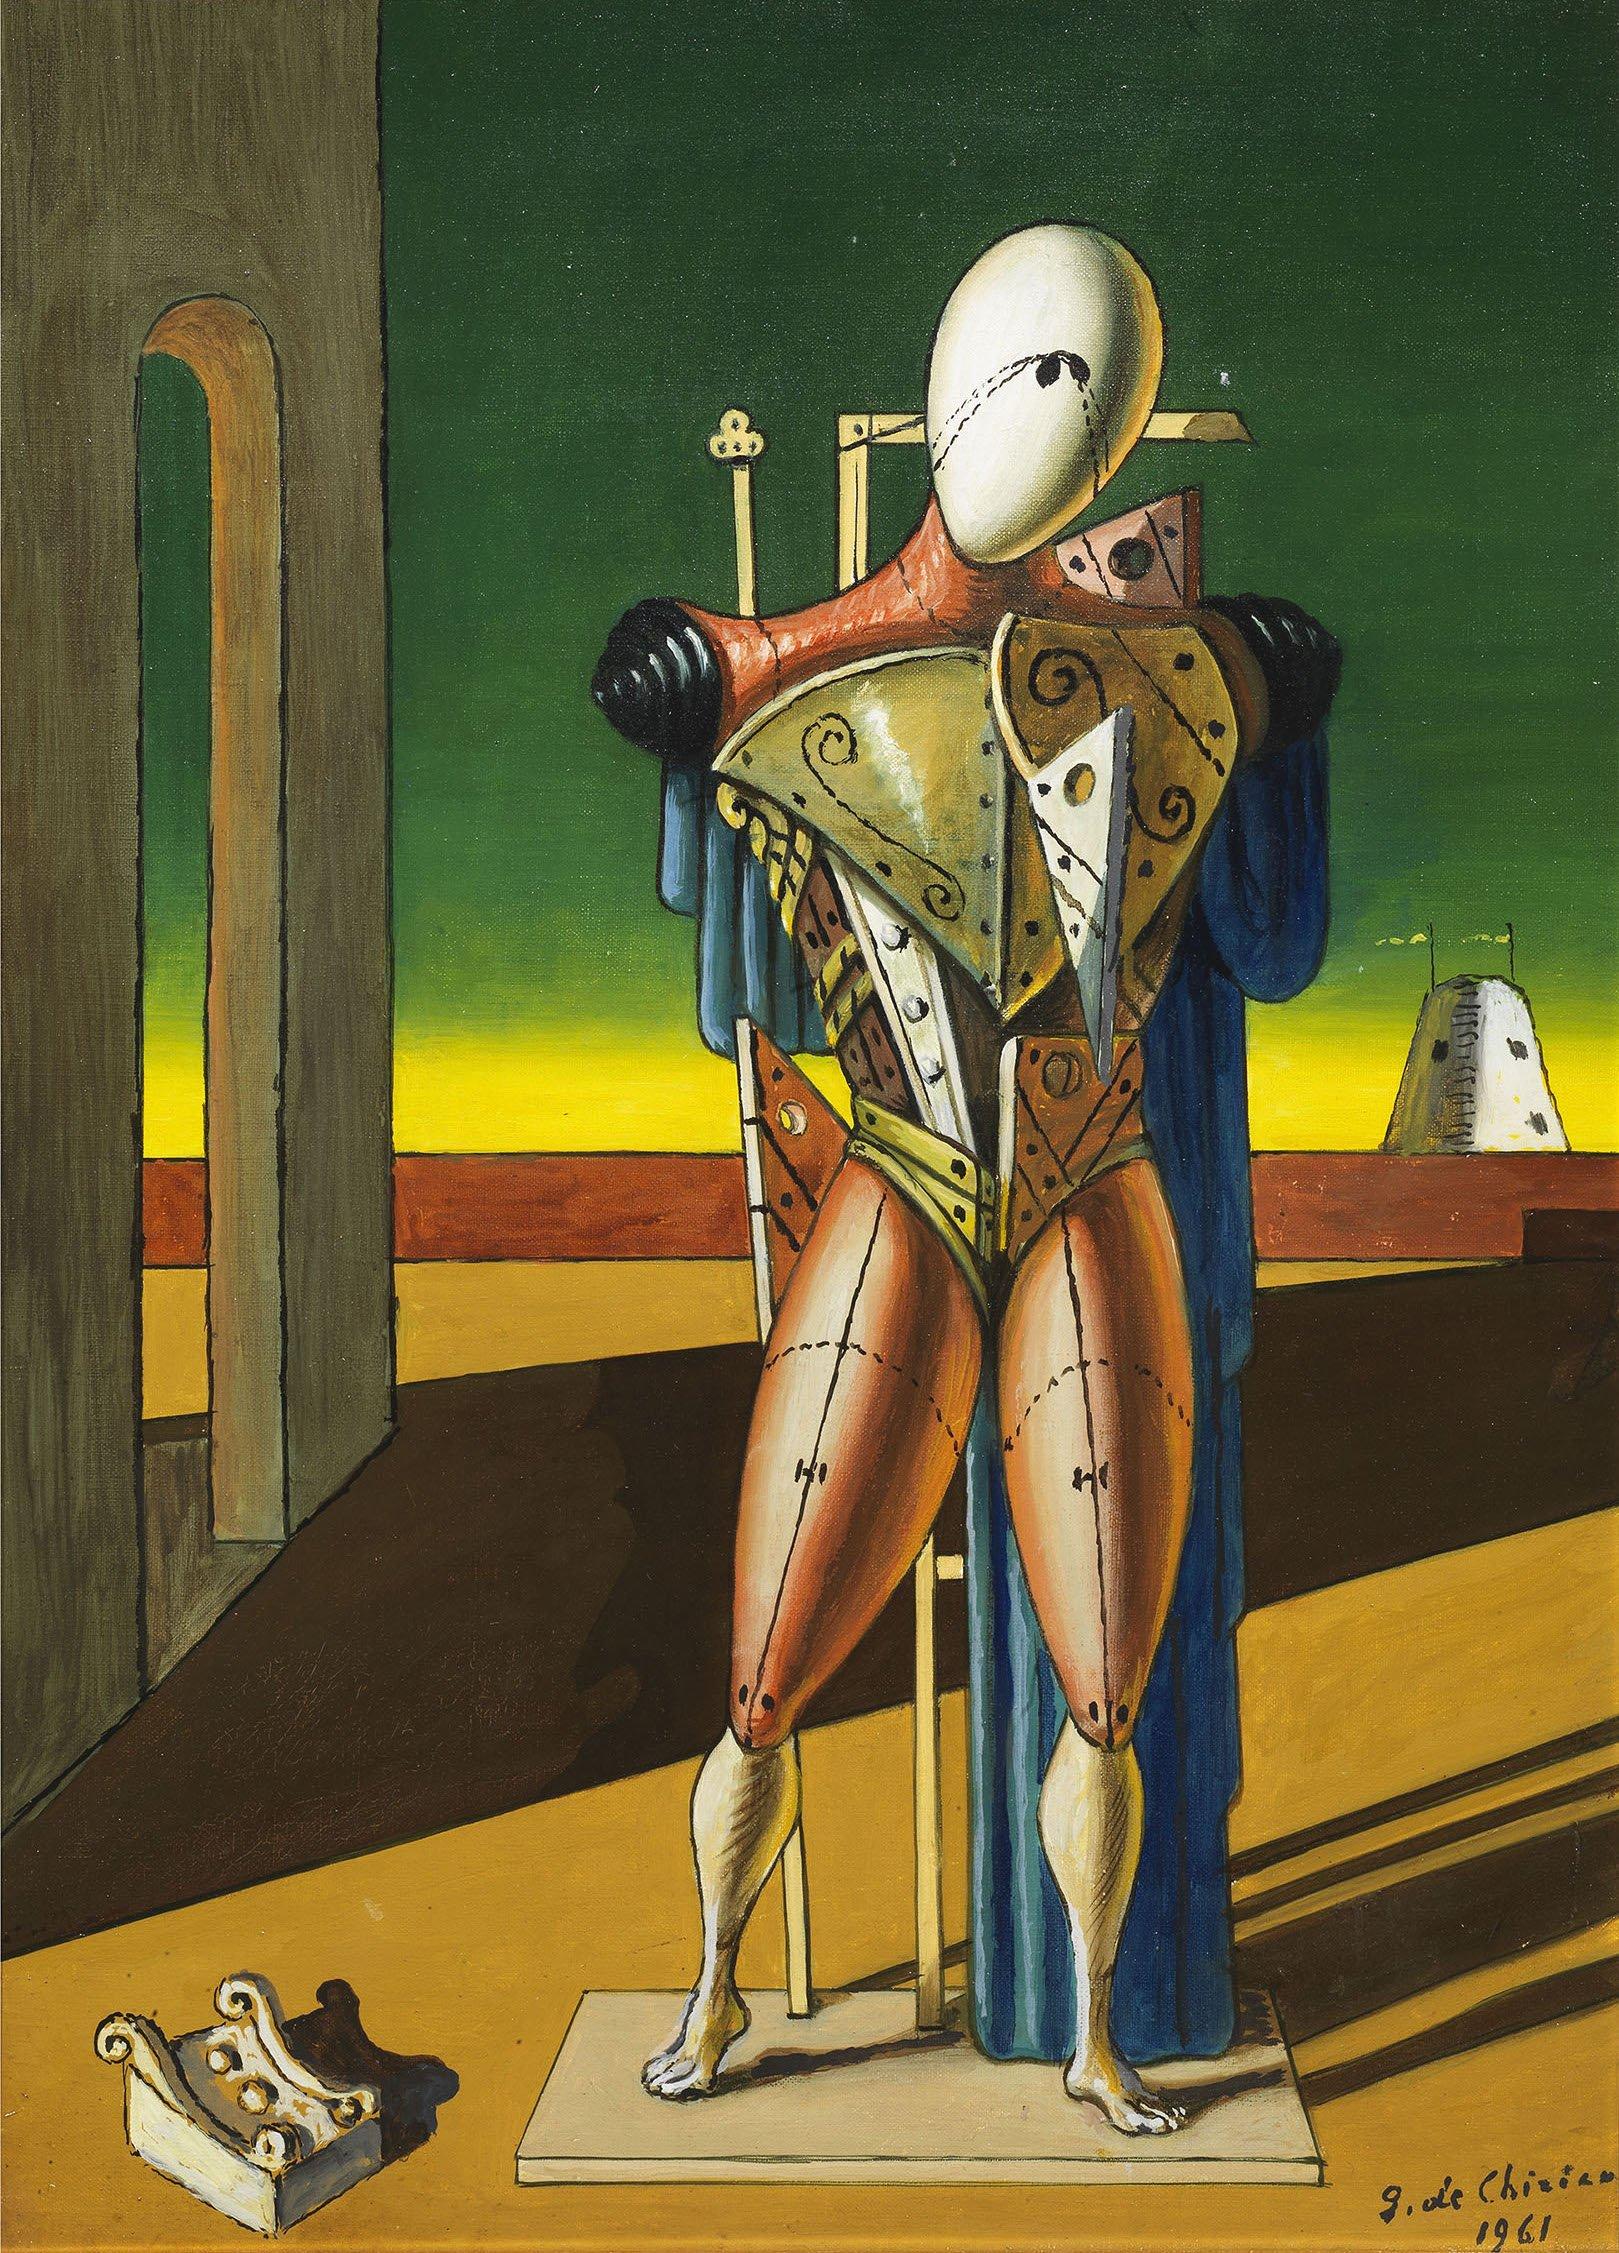 Giorgio de Chirico, Trovatore, 1961, olio su tela, cm 56x40